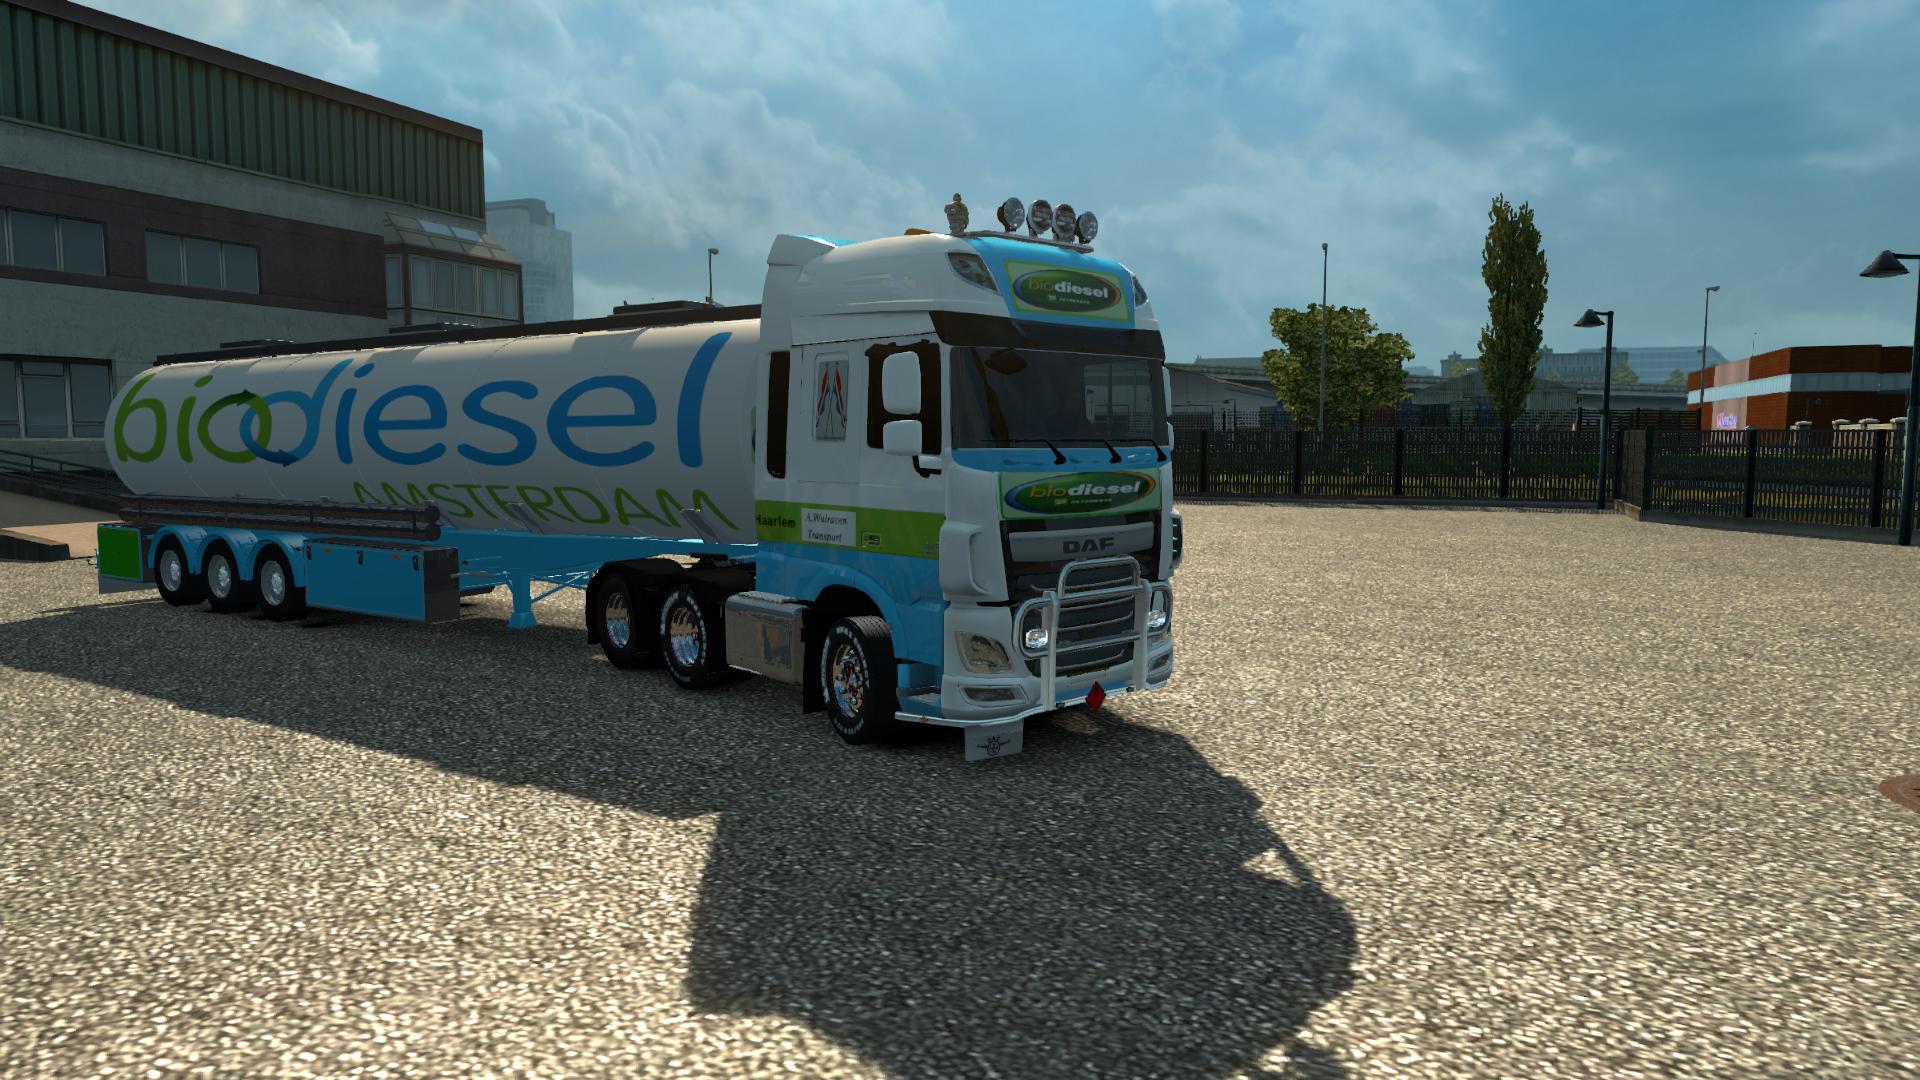 daf-euro-6-bio-diesel-1-16-2-1-17_1.png